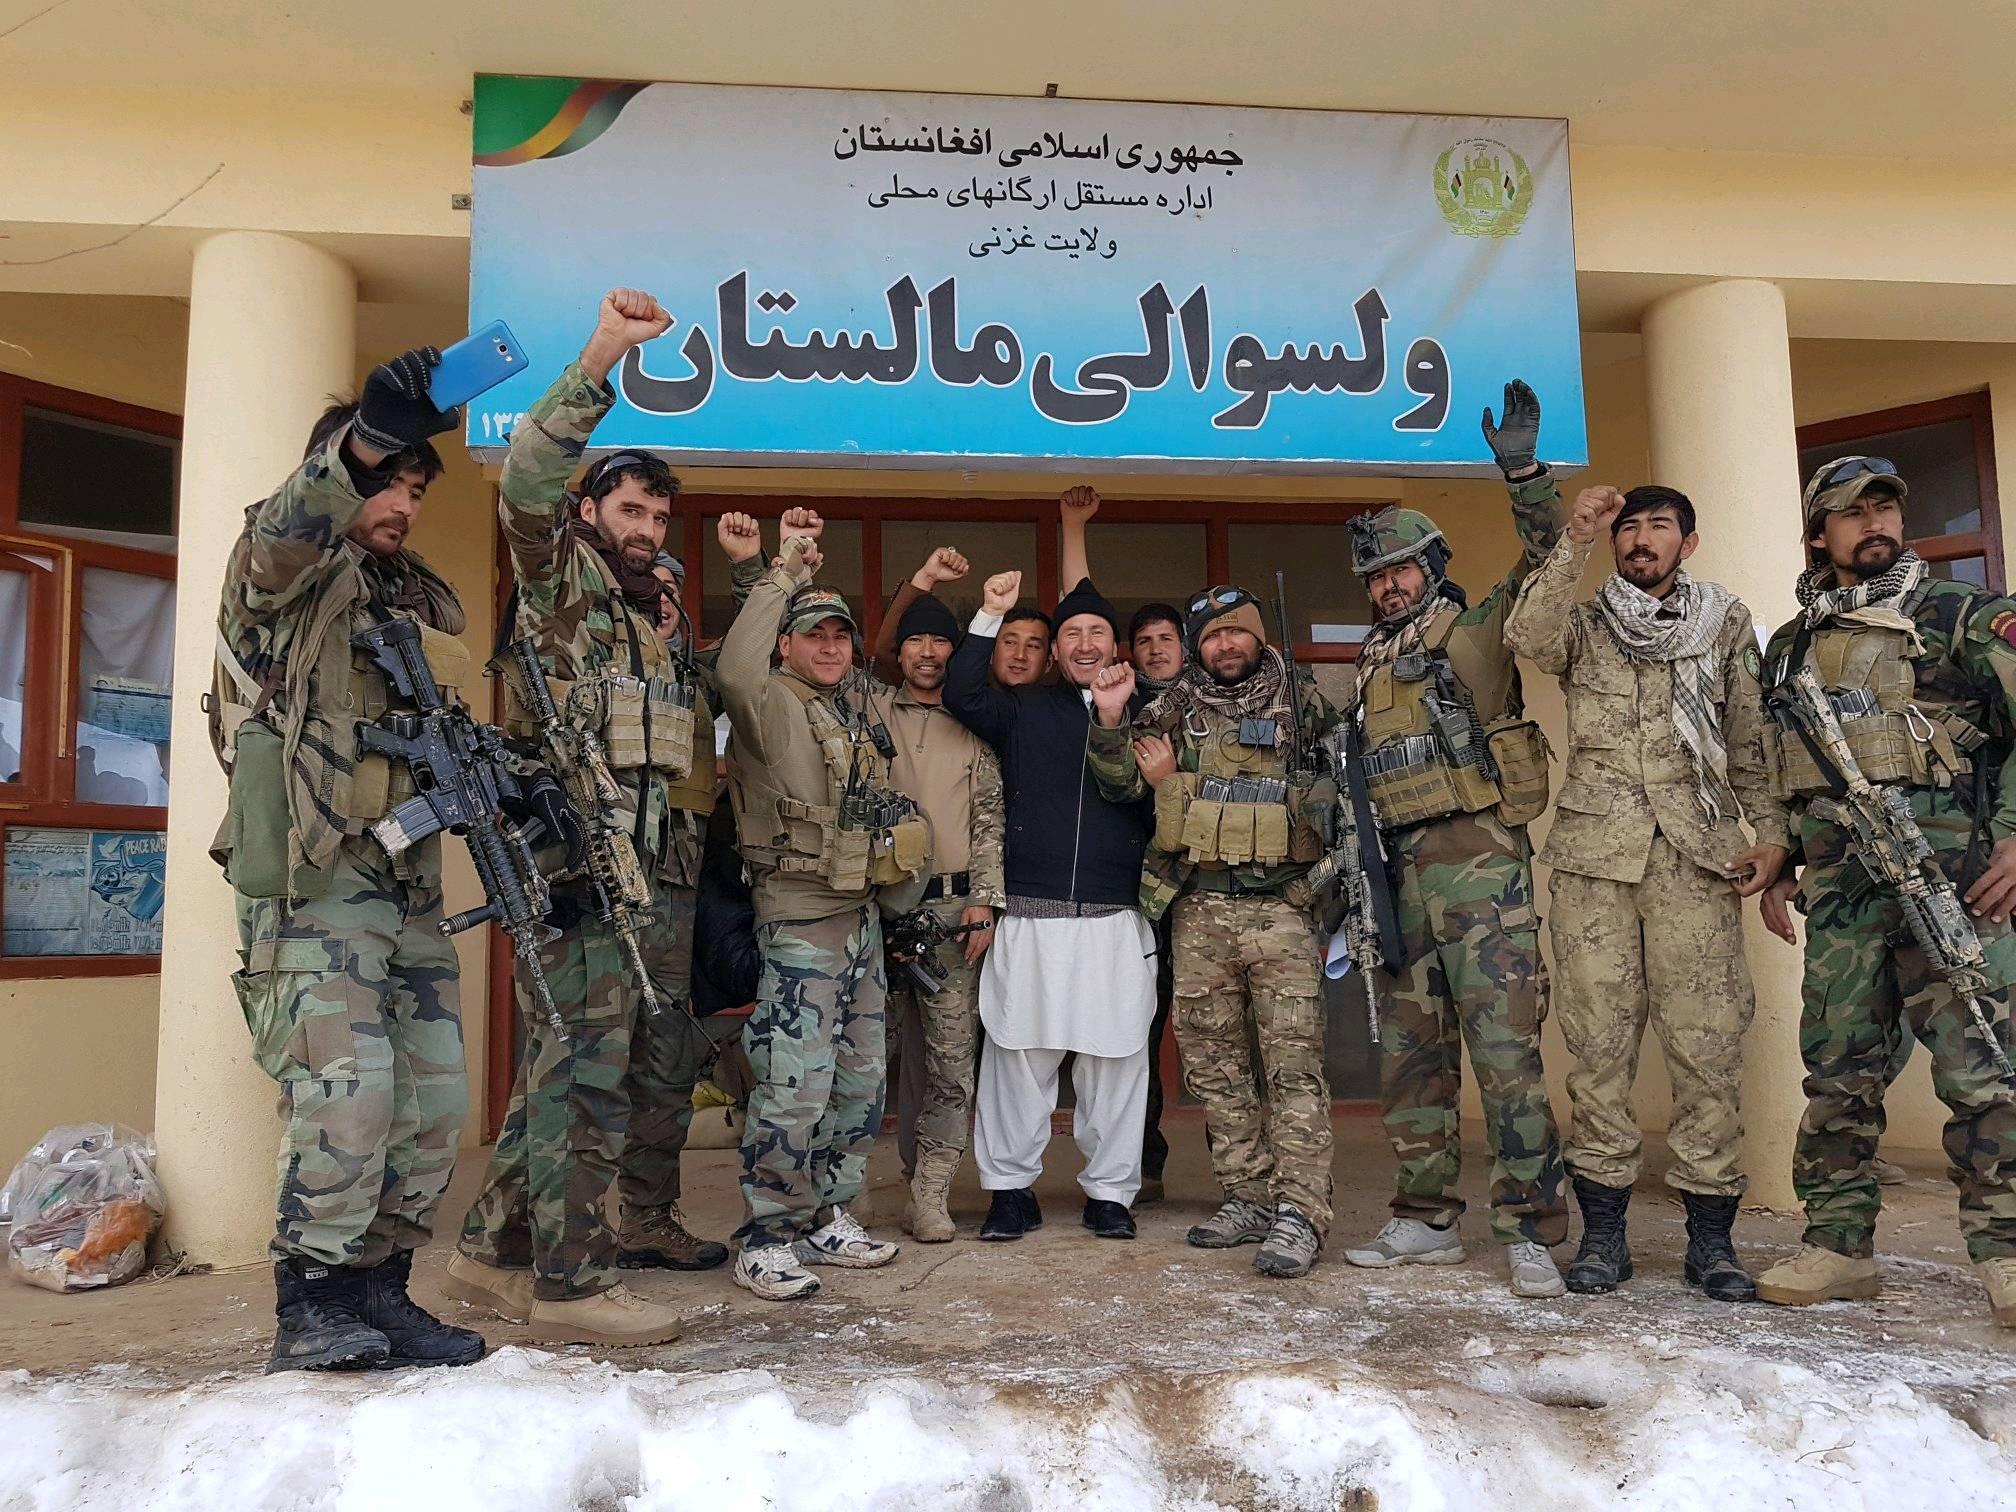 ضامن علی هدایت، ولسوال مالستان در میان جمع از نیرو های امنیتی